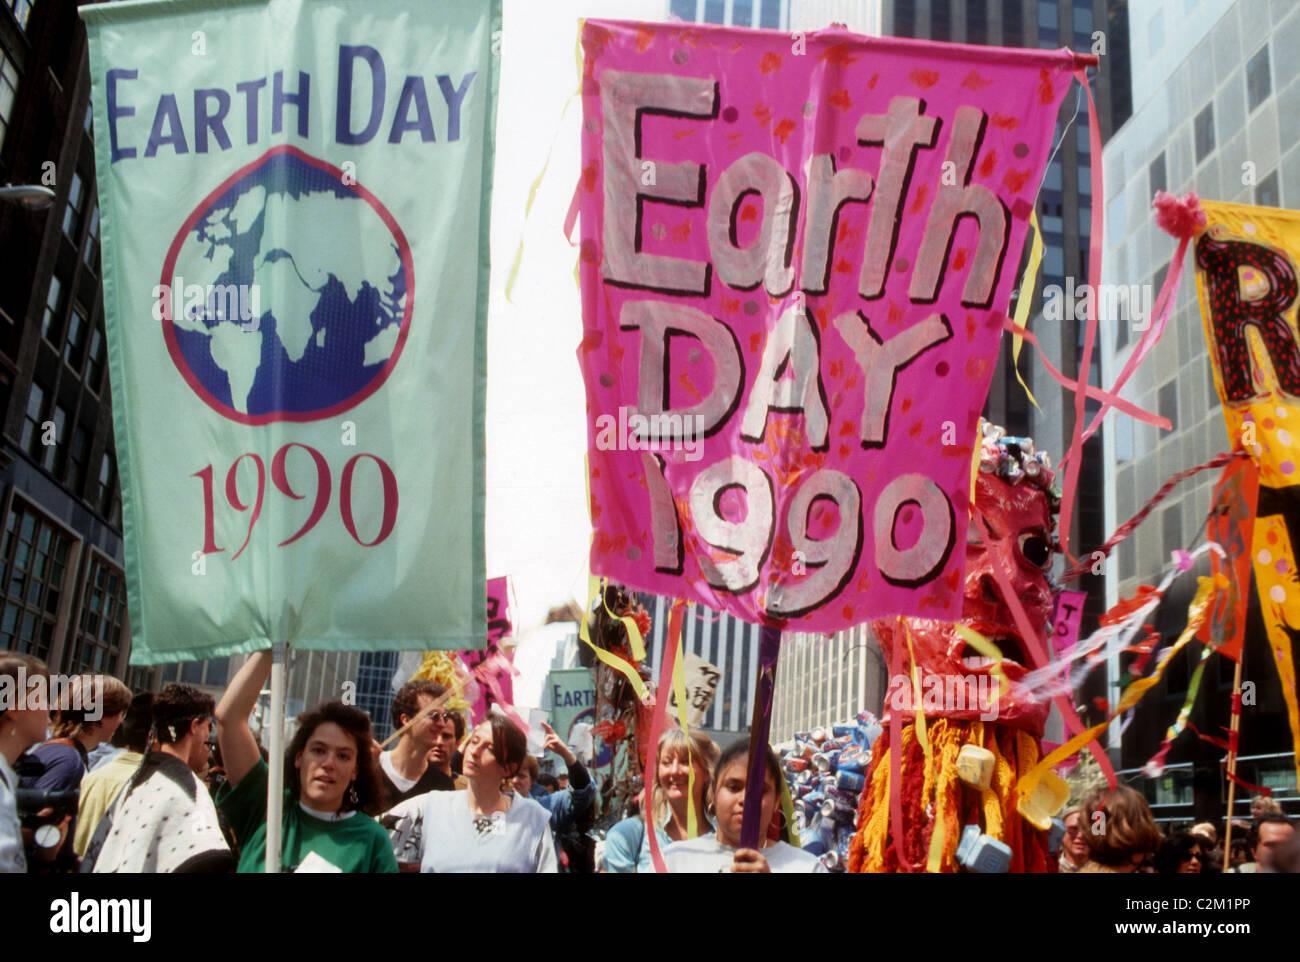 La giornata della terra parata e festival di New York il giorno di terra, 22 aprile 1990. (© Francesca M. Roberts) Immagini Stock